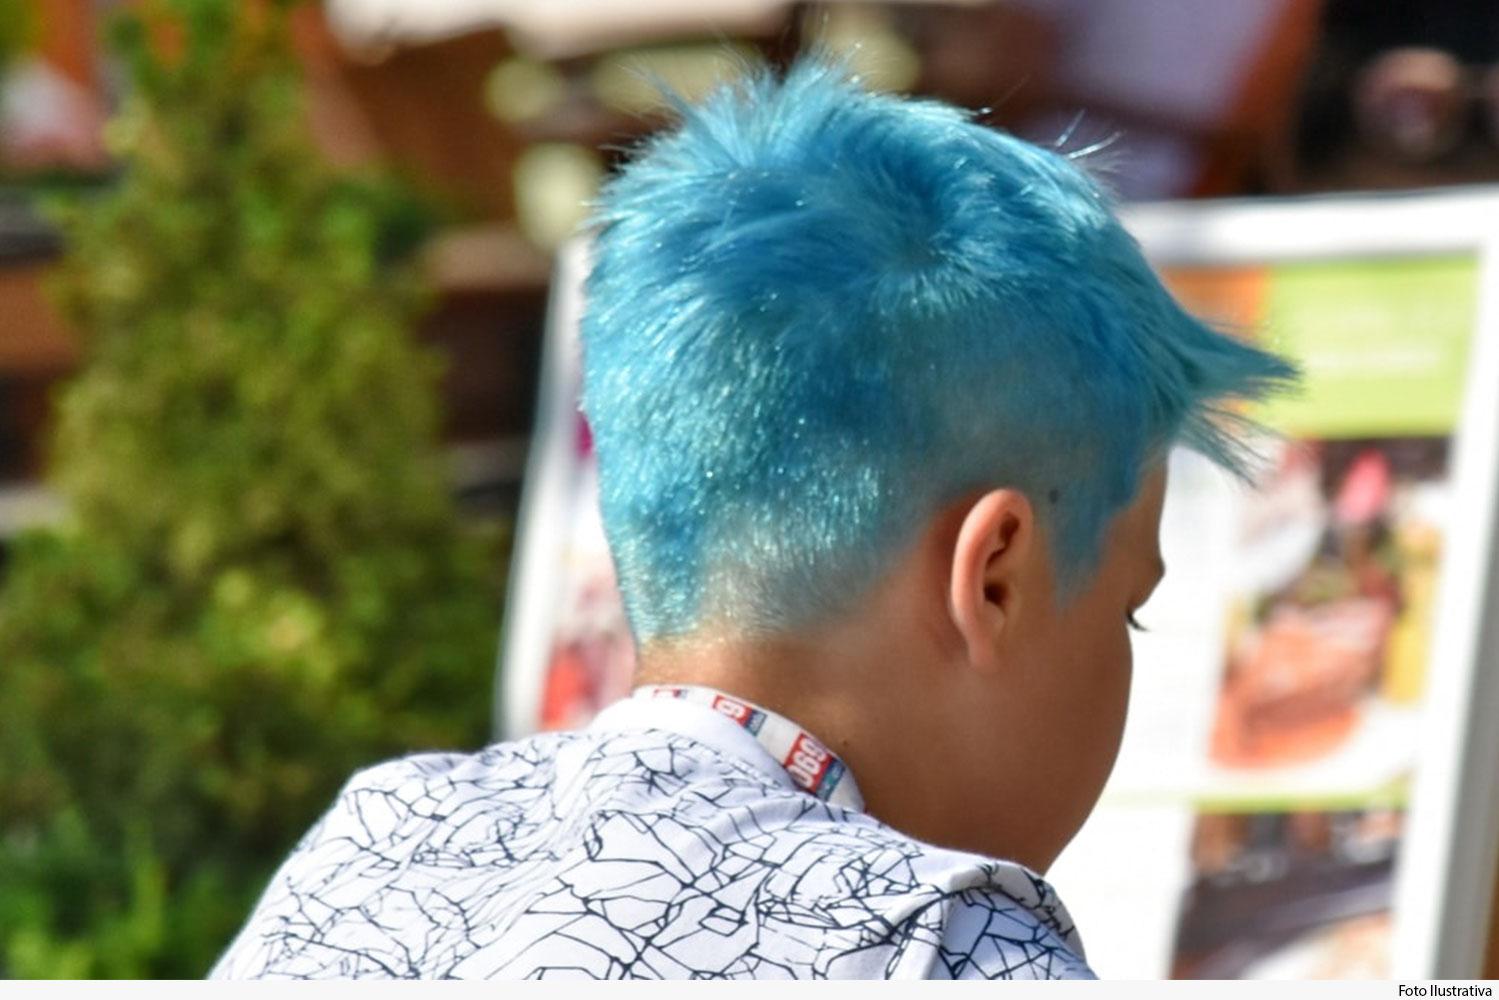 noticia-cabelo-azul-10.01.20.jpg